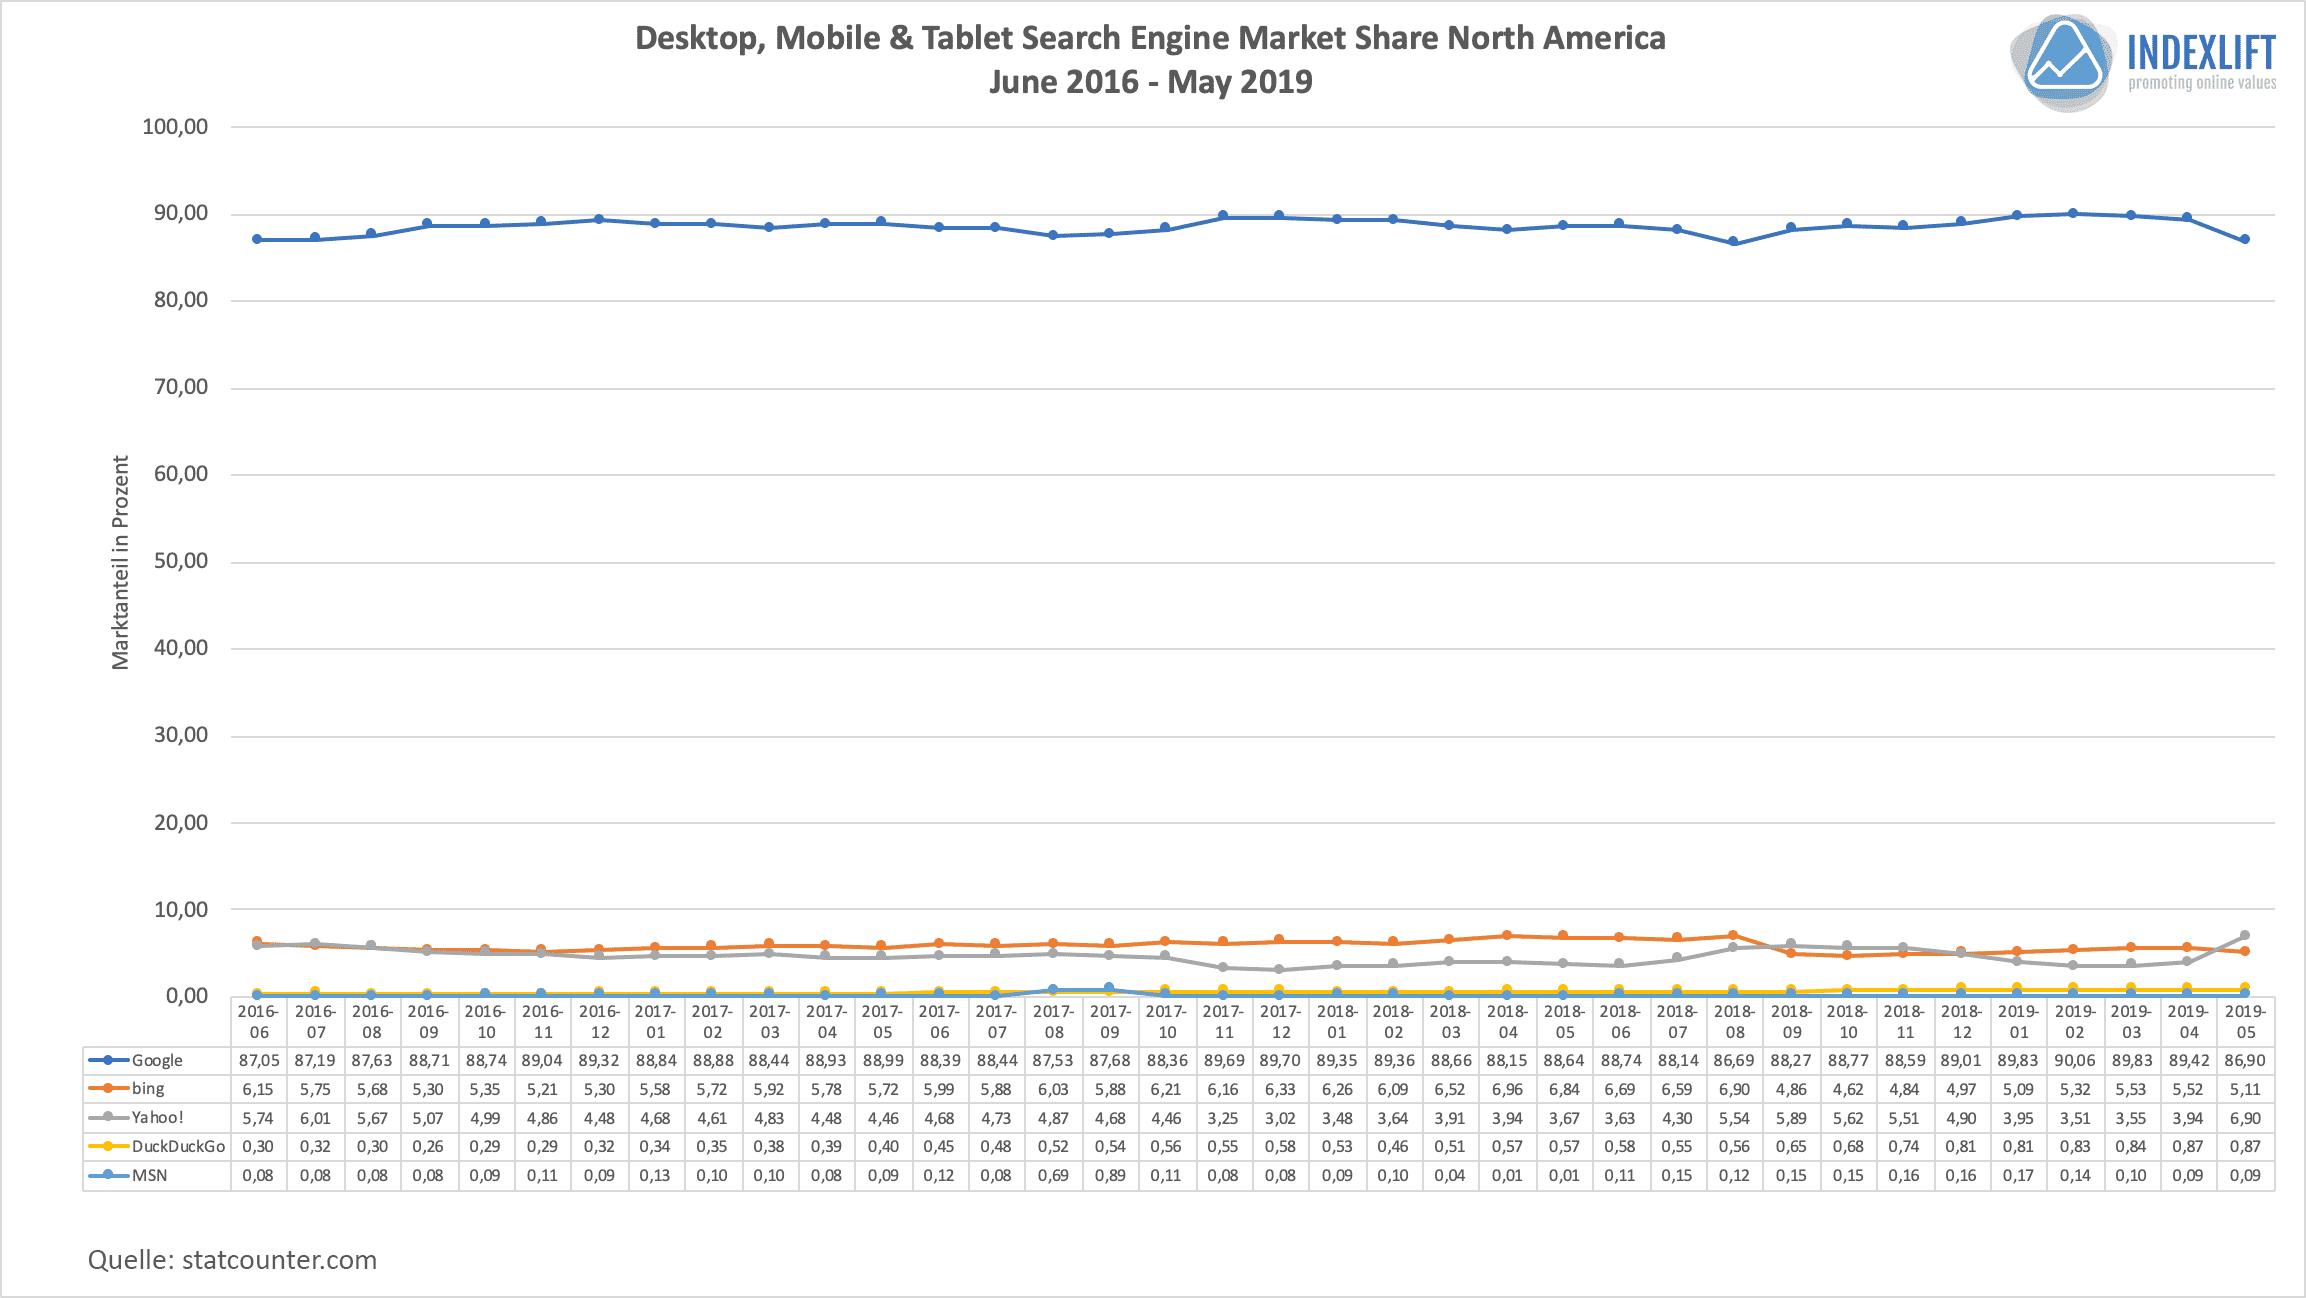 Marktanteile Suchmaschinen - Verteilung in Nord-Amerika